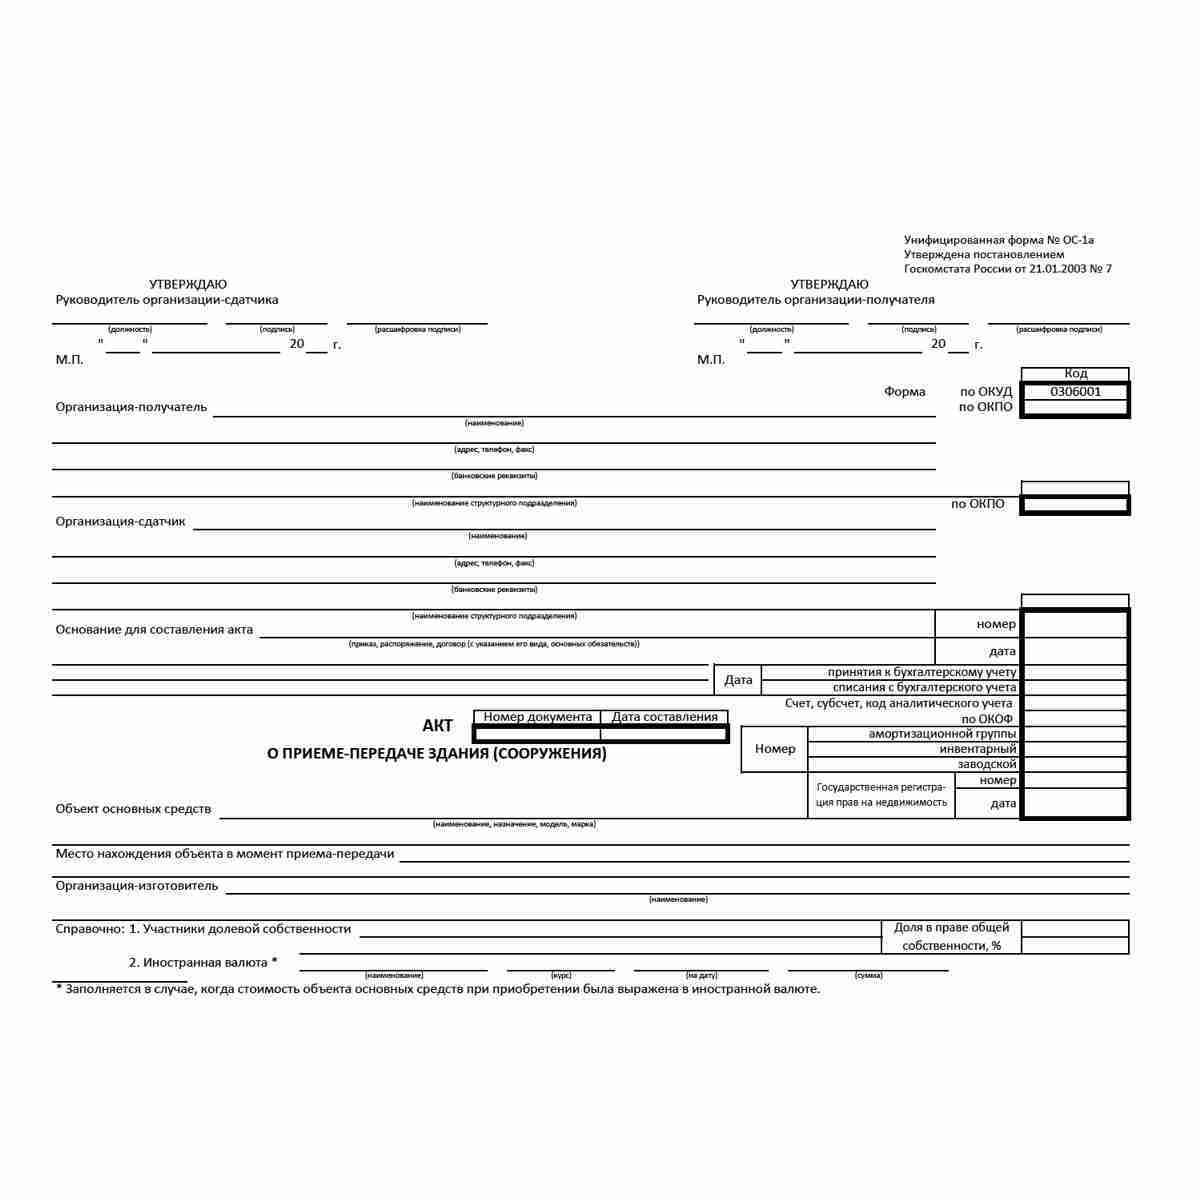 """Унифицированная форма первичной учетной документации № ОС-1а """"Акт о приеме-передаче здания (сооружения)"""" (ОКУД 0306030) . Стр. 1"""